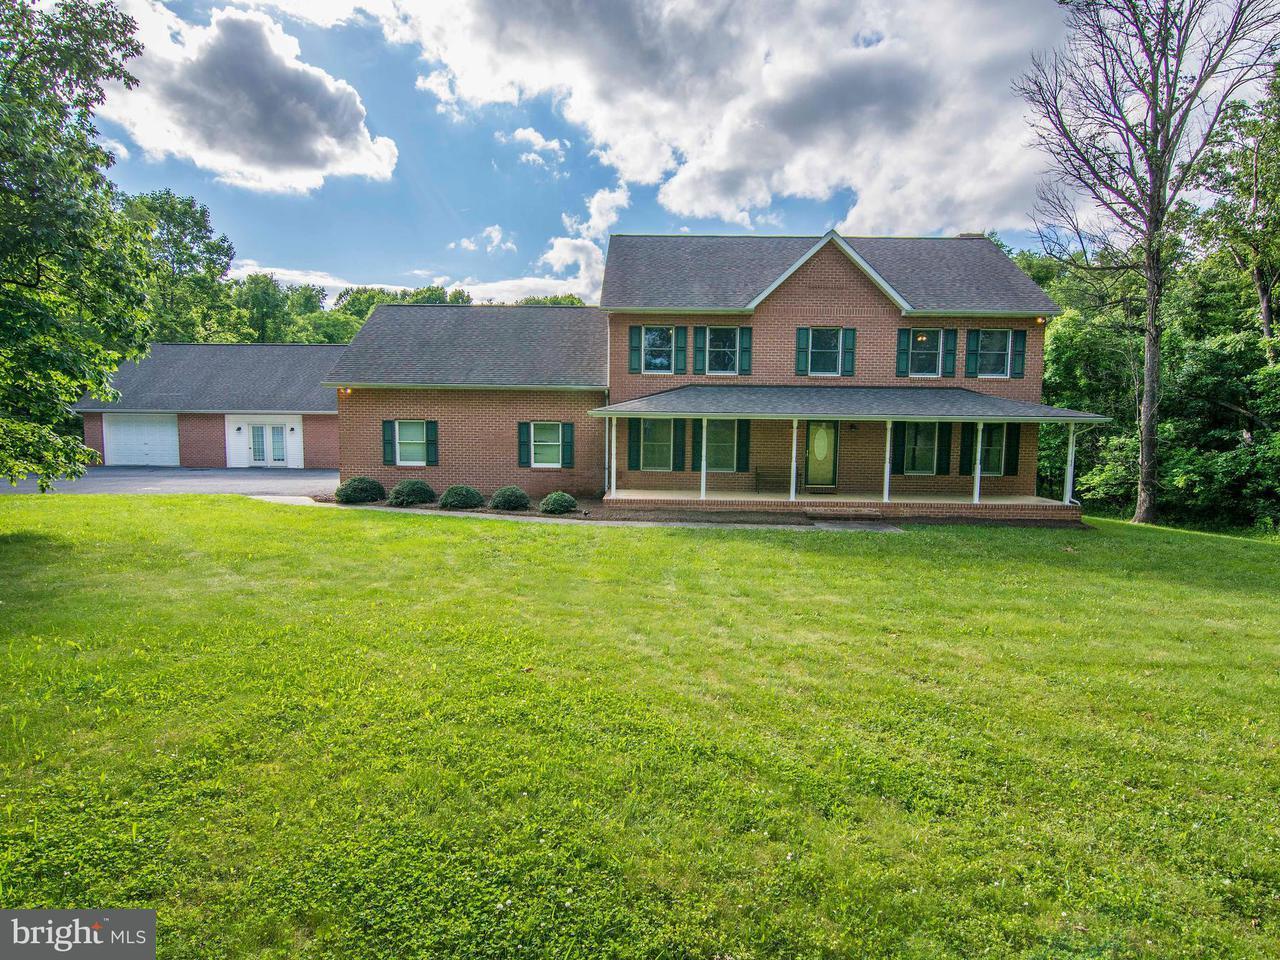 一戸建て のために 売買 アット 1862 Goldmiller Road 1862 Goldmiller Road Bunker Hill, ウェストバージニア 25413 アメリカ合衆国